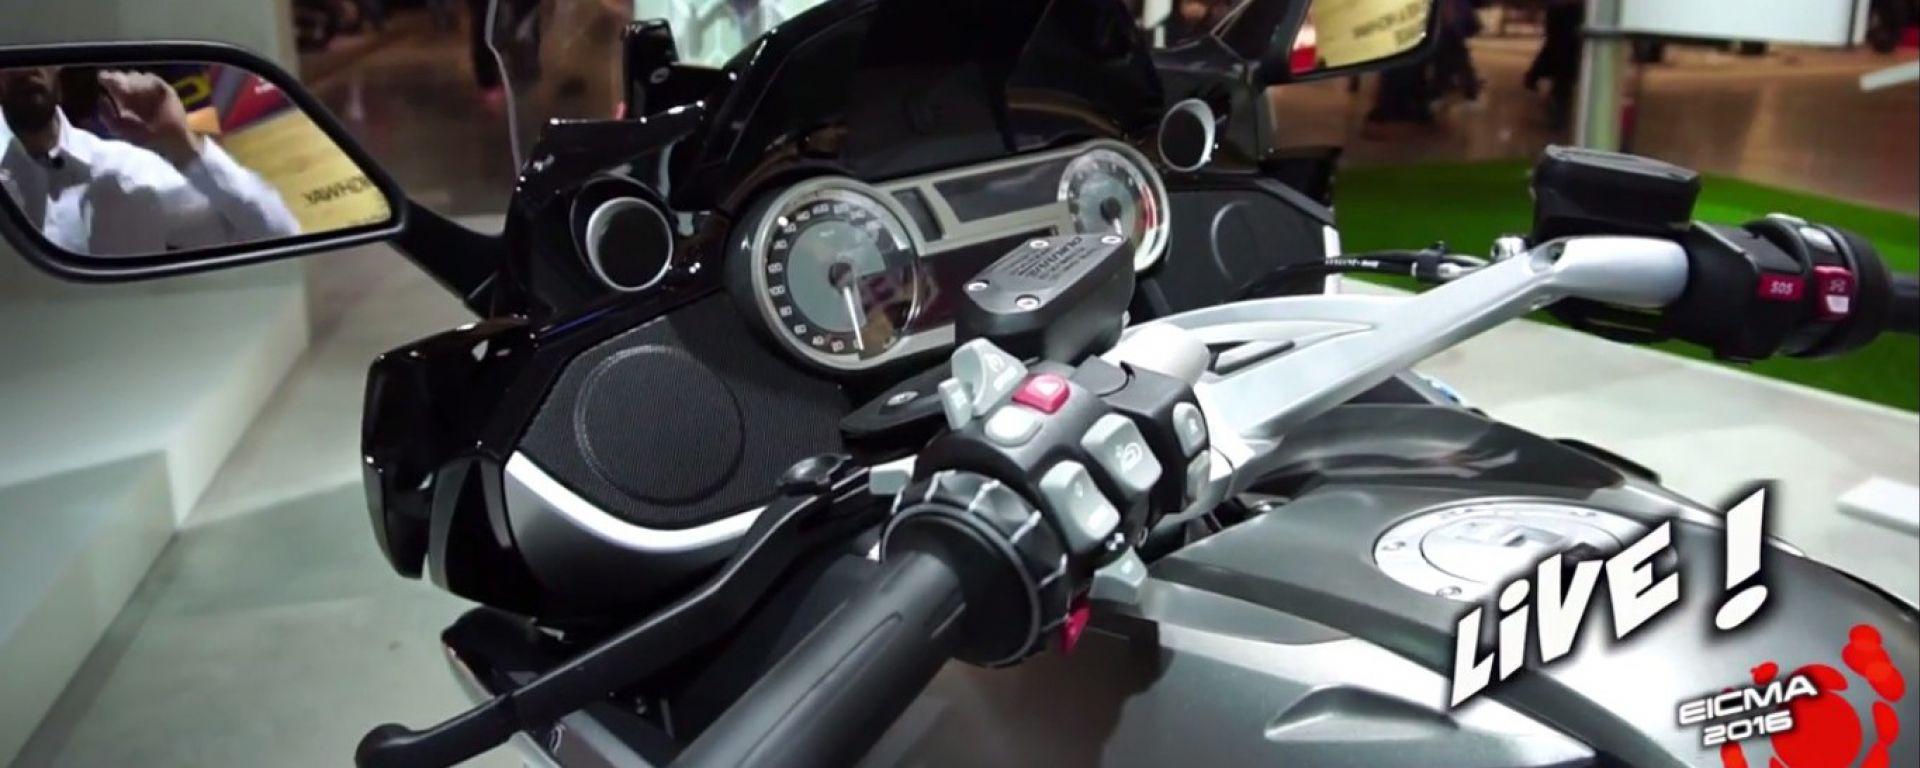 Live Eicma 2016: BMW K1600 GTL 2017 in video